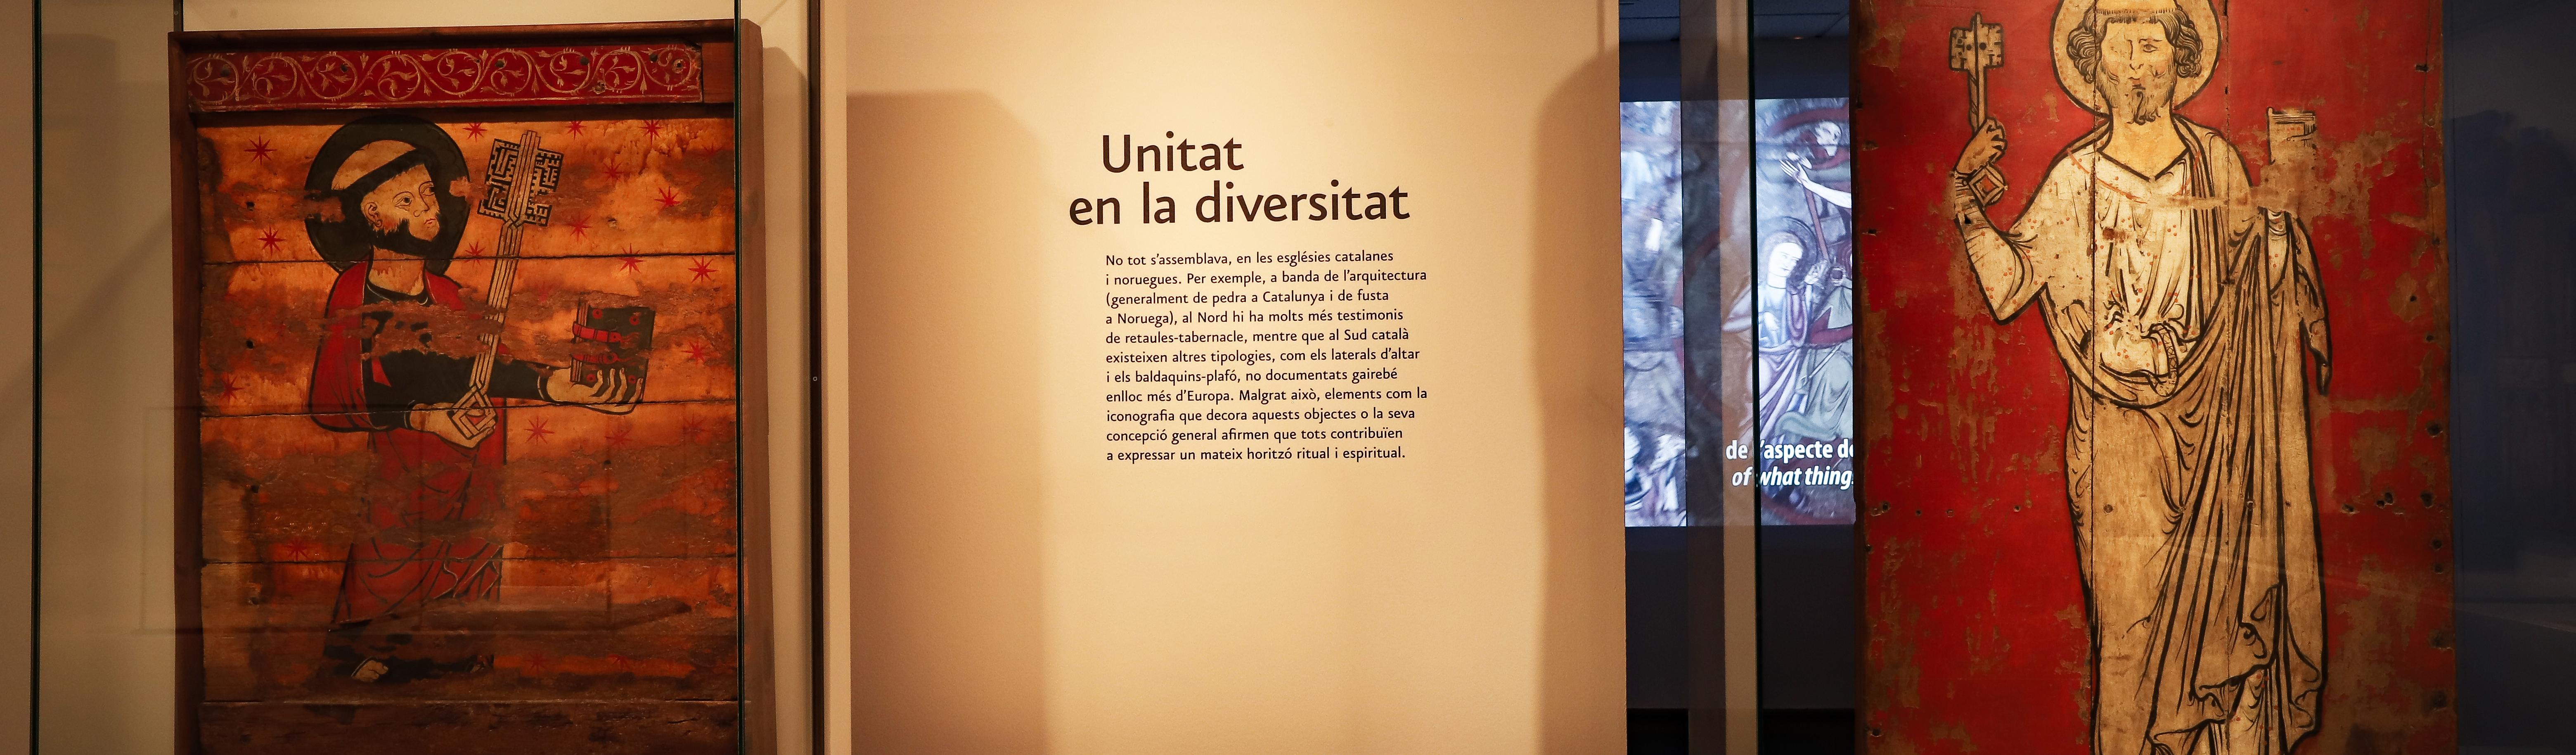 6. Unitat en la diversitat